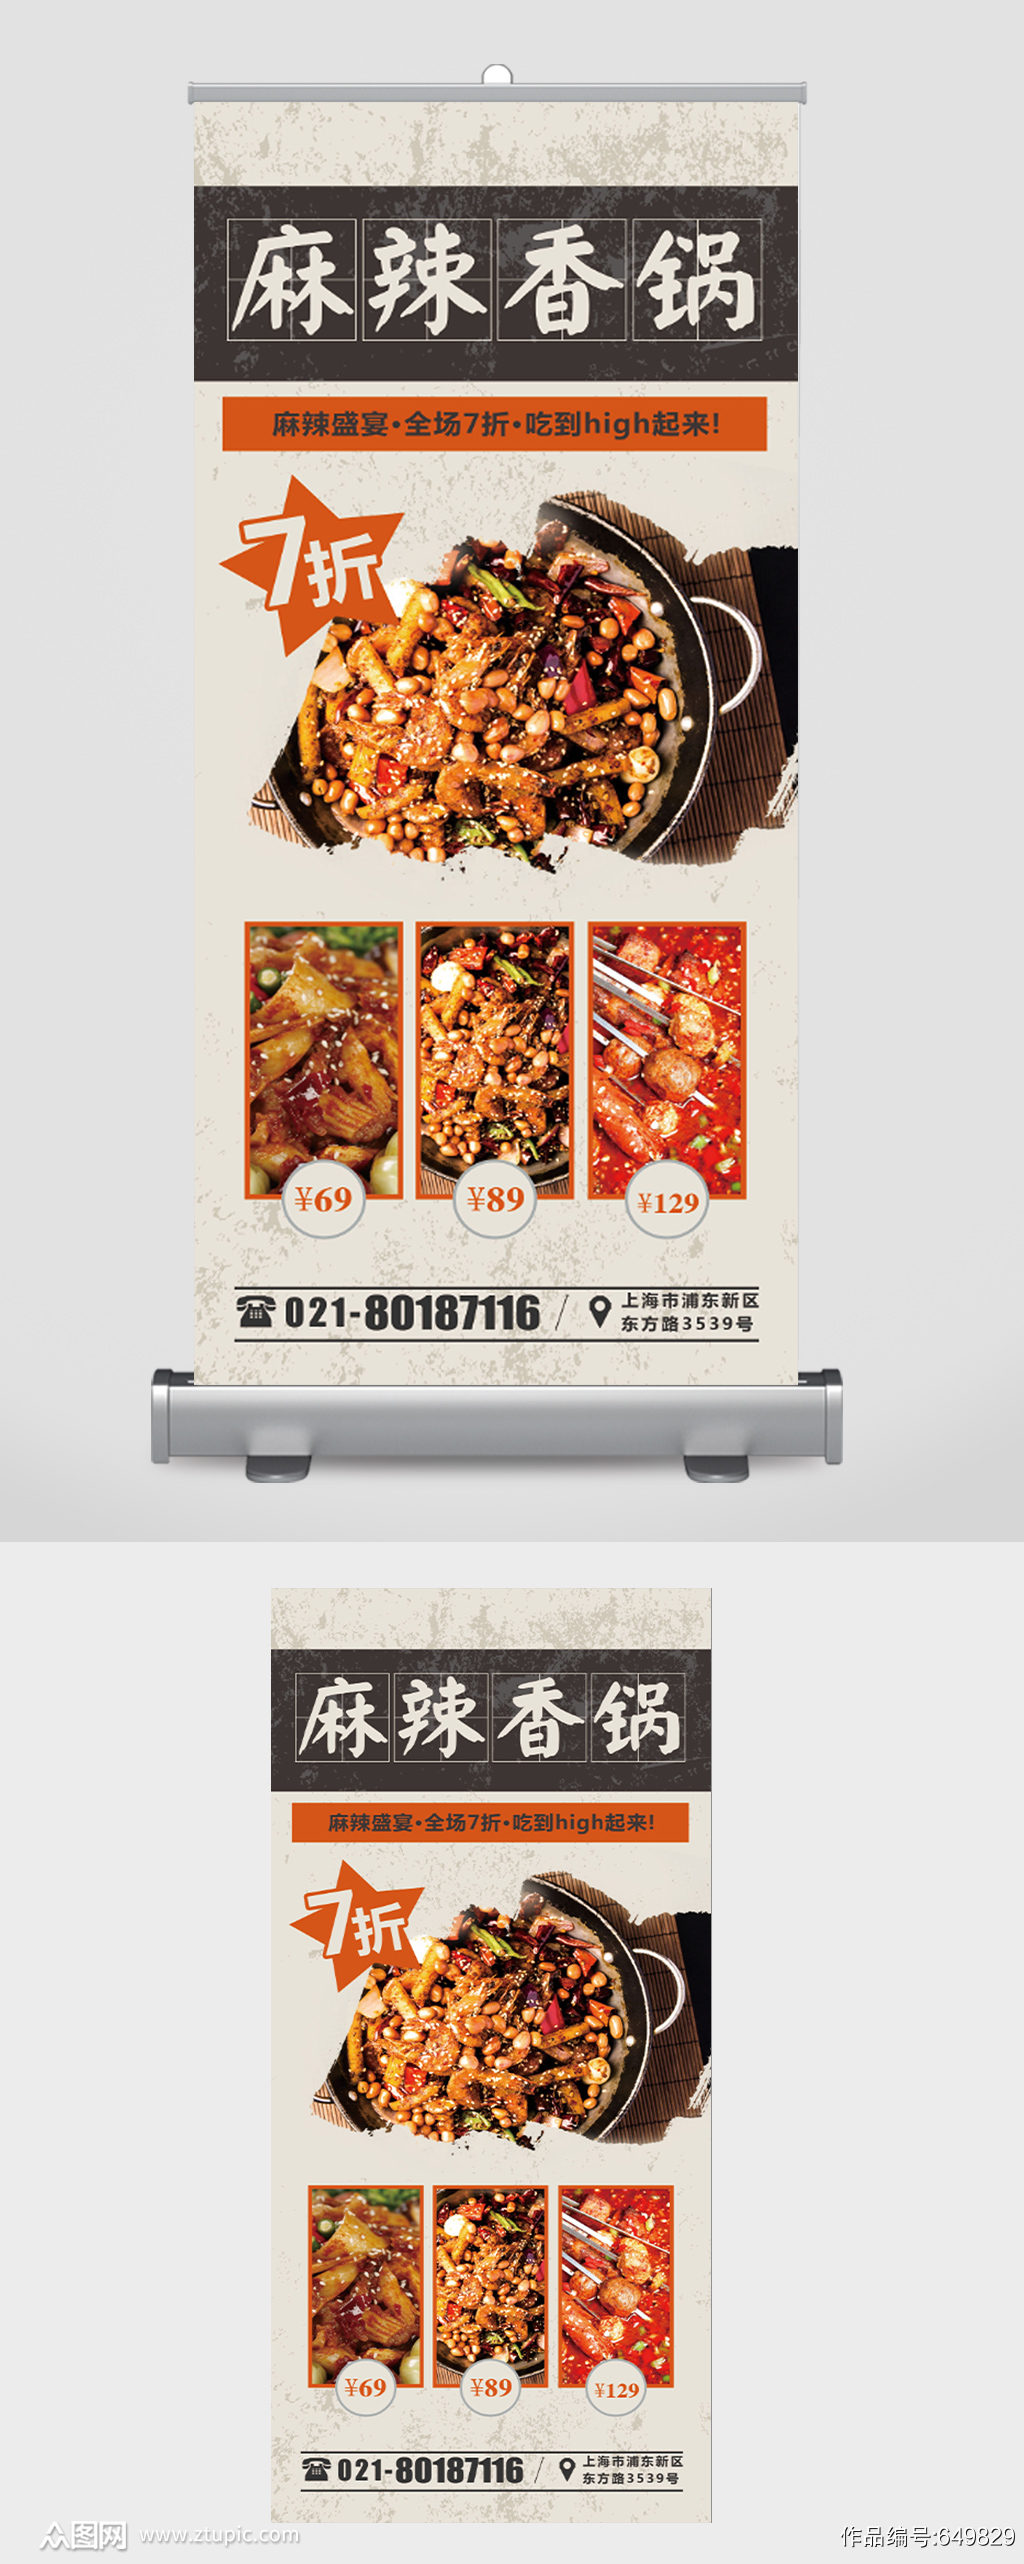 麻辣香锅饭店打折展架素材